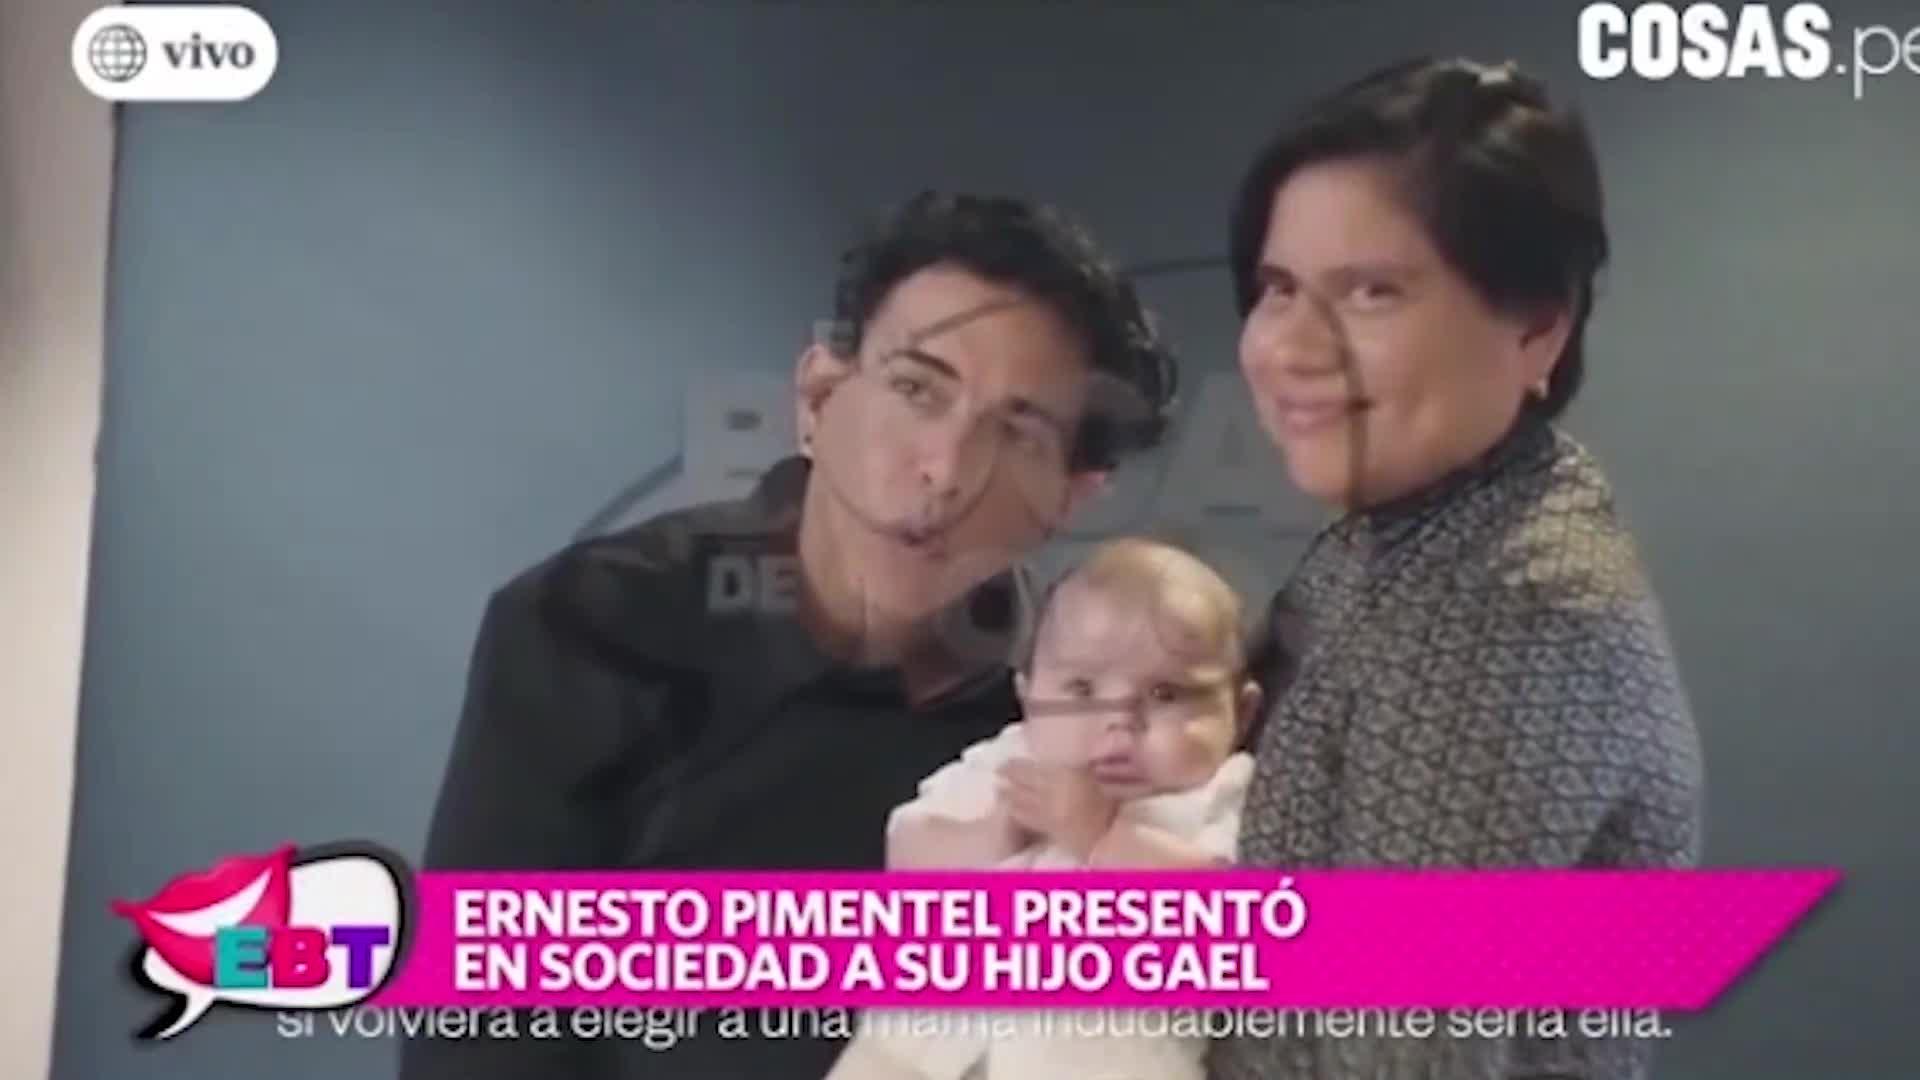 Ernesto Pimentel presentó a su hijo Gael en una tierna sesión de fotos